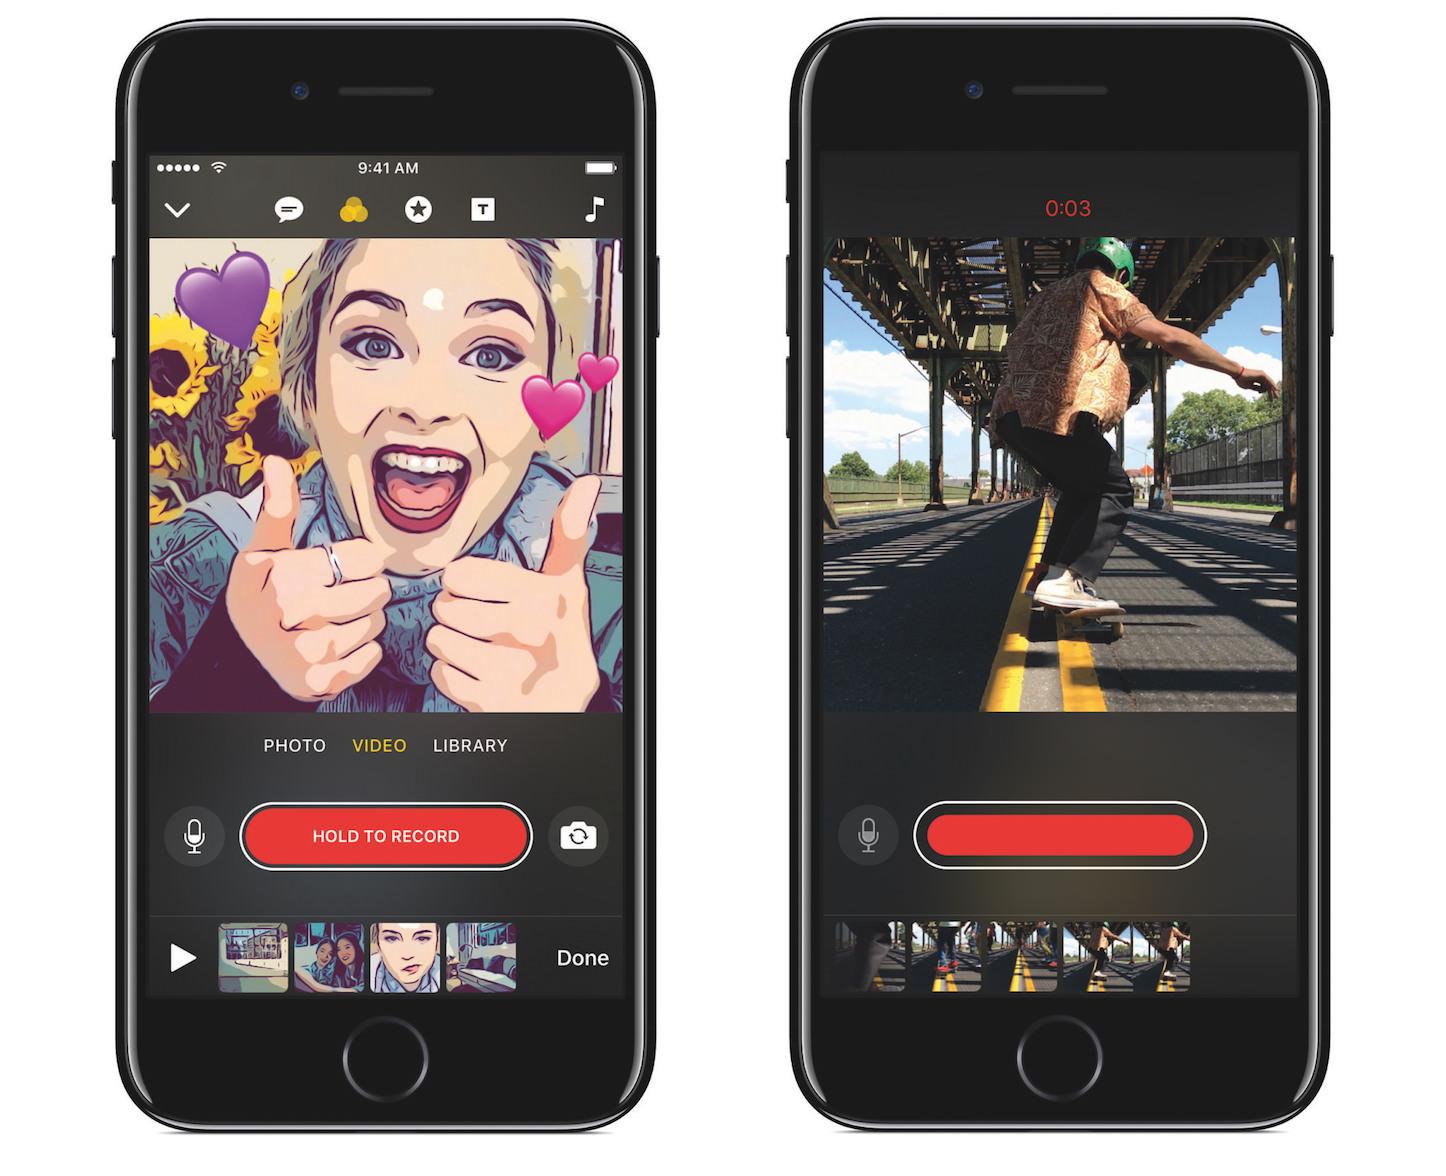 Iphone 動画 編集 アプリ 【2021年】無料iPhone動画編集アプリおすすめランキングTOP8:便利でiPhone動画を編集できる